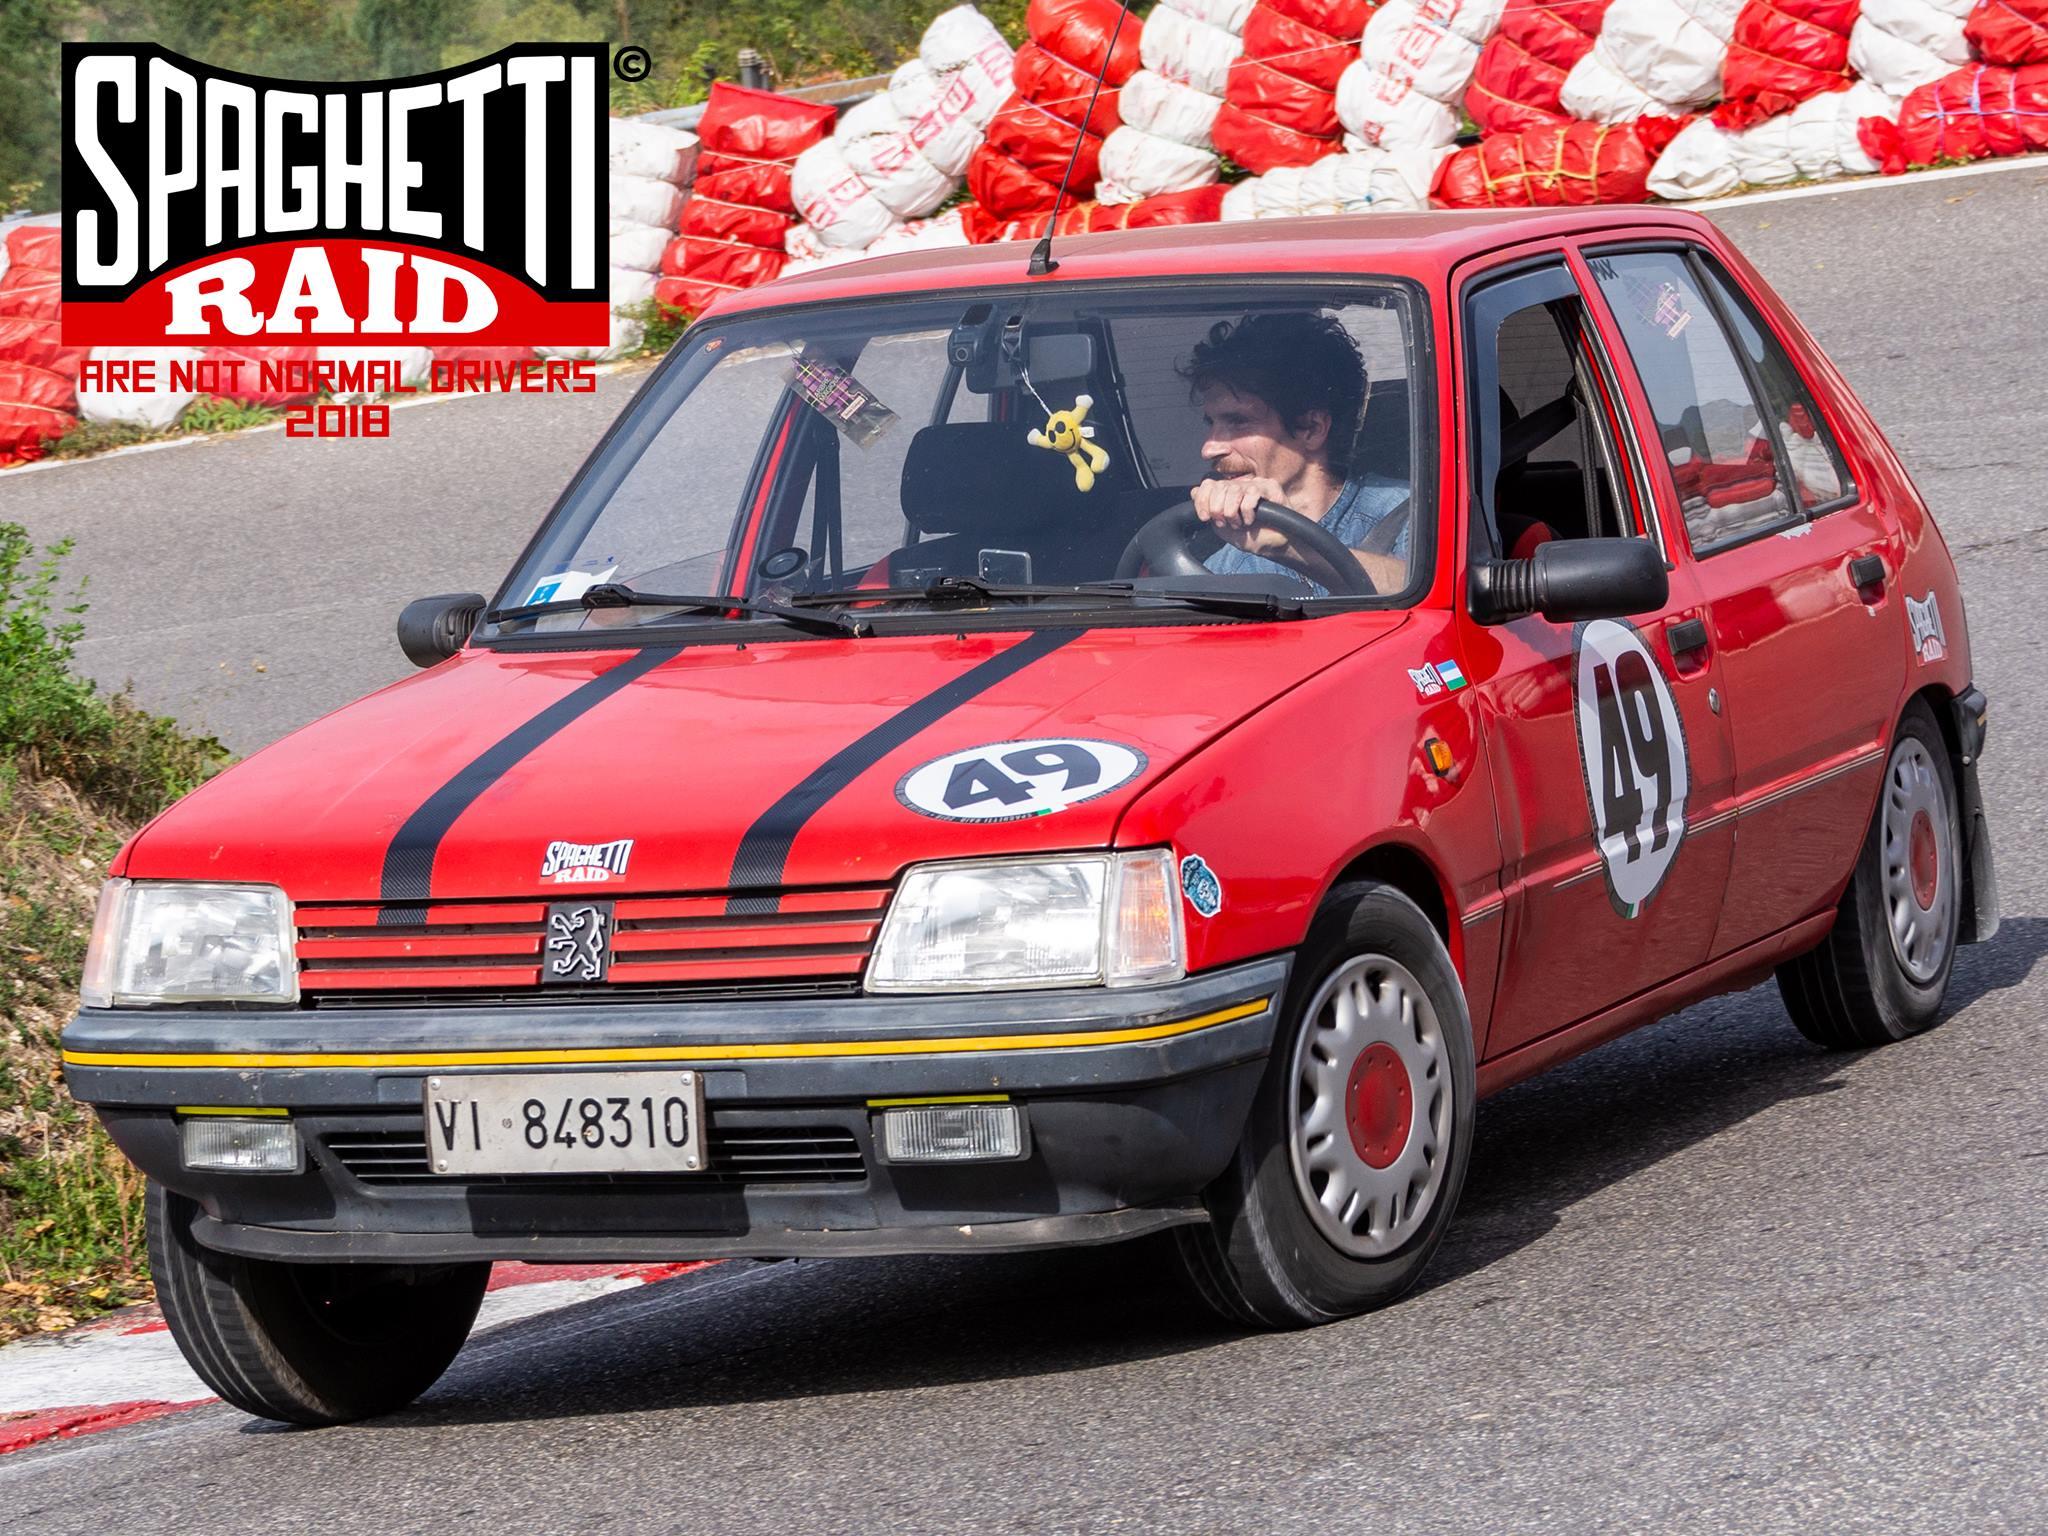 Team CADORIN #49 PEGEOT 205 1.1 del '91 Città: Caerano San Marco TV